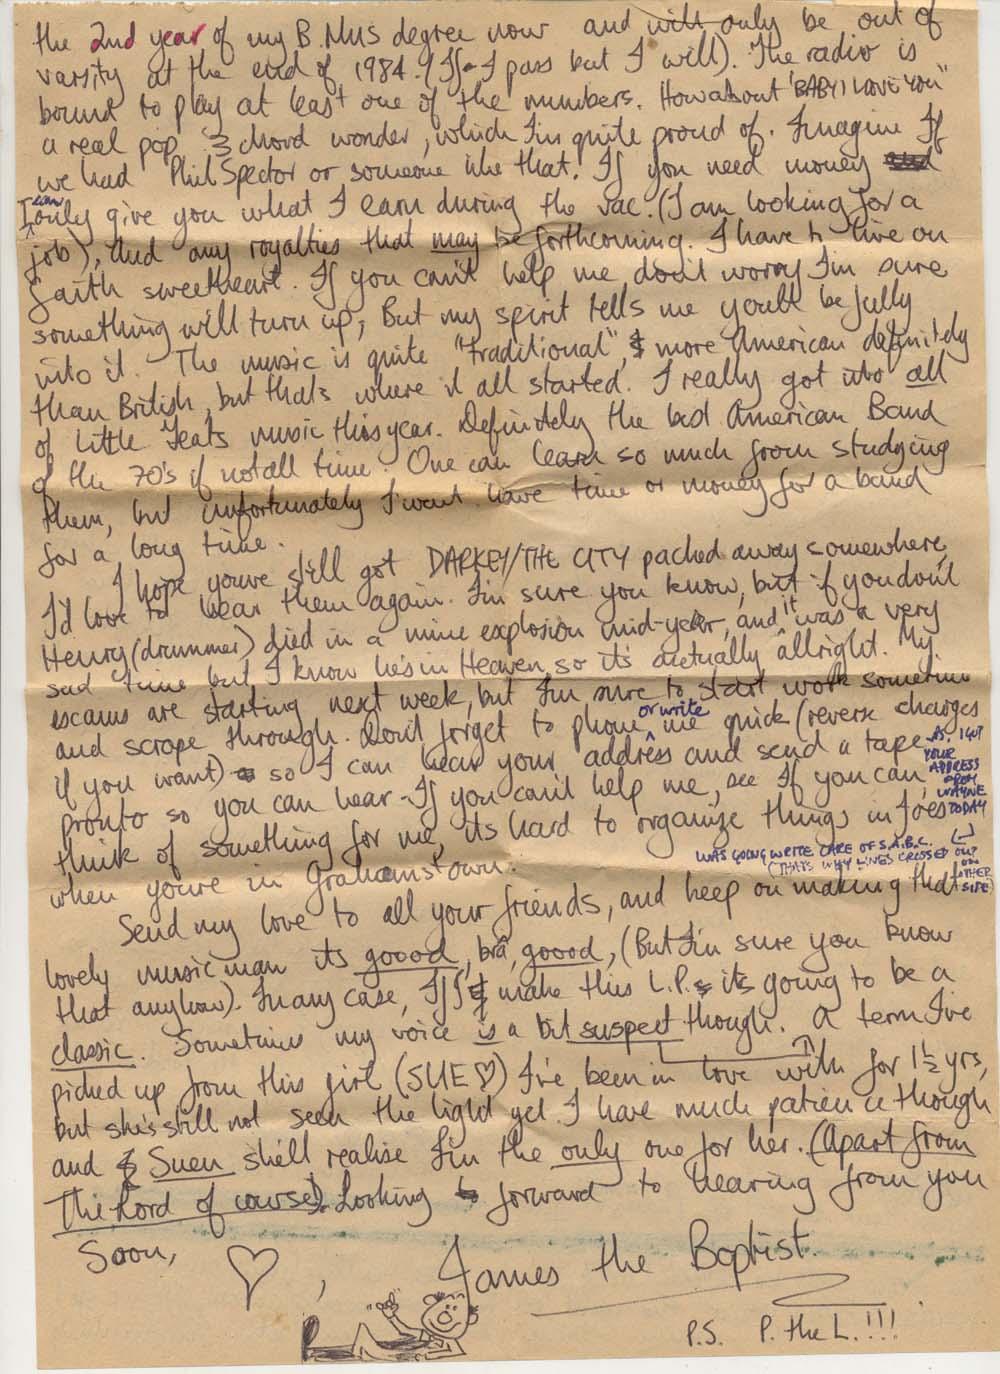 boptist letter2